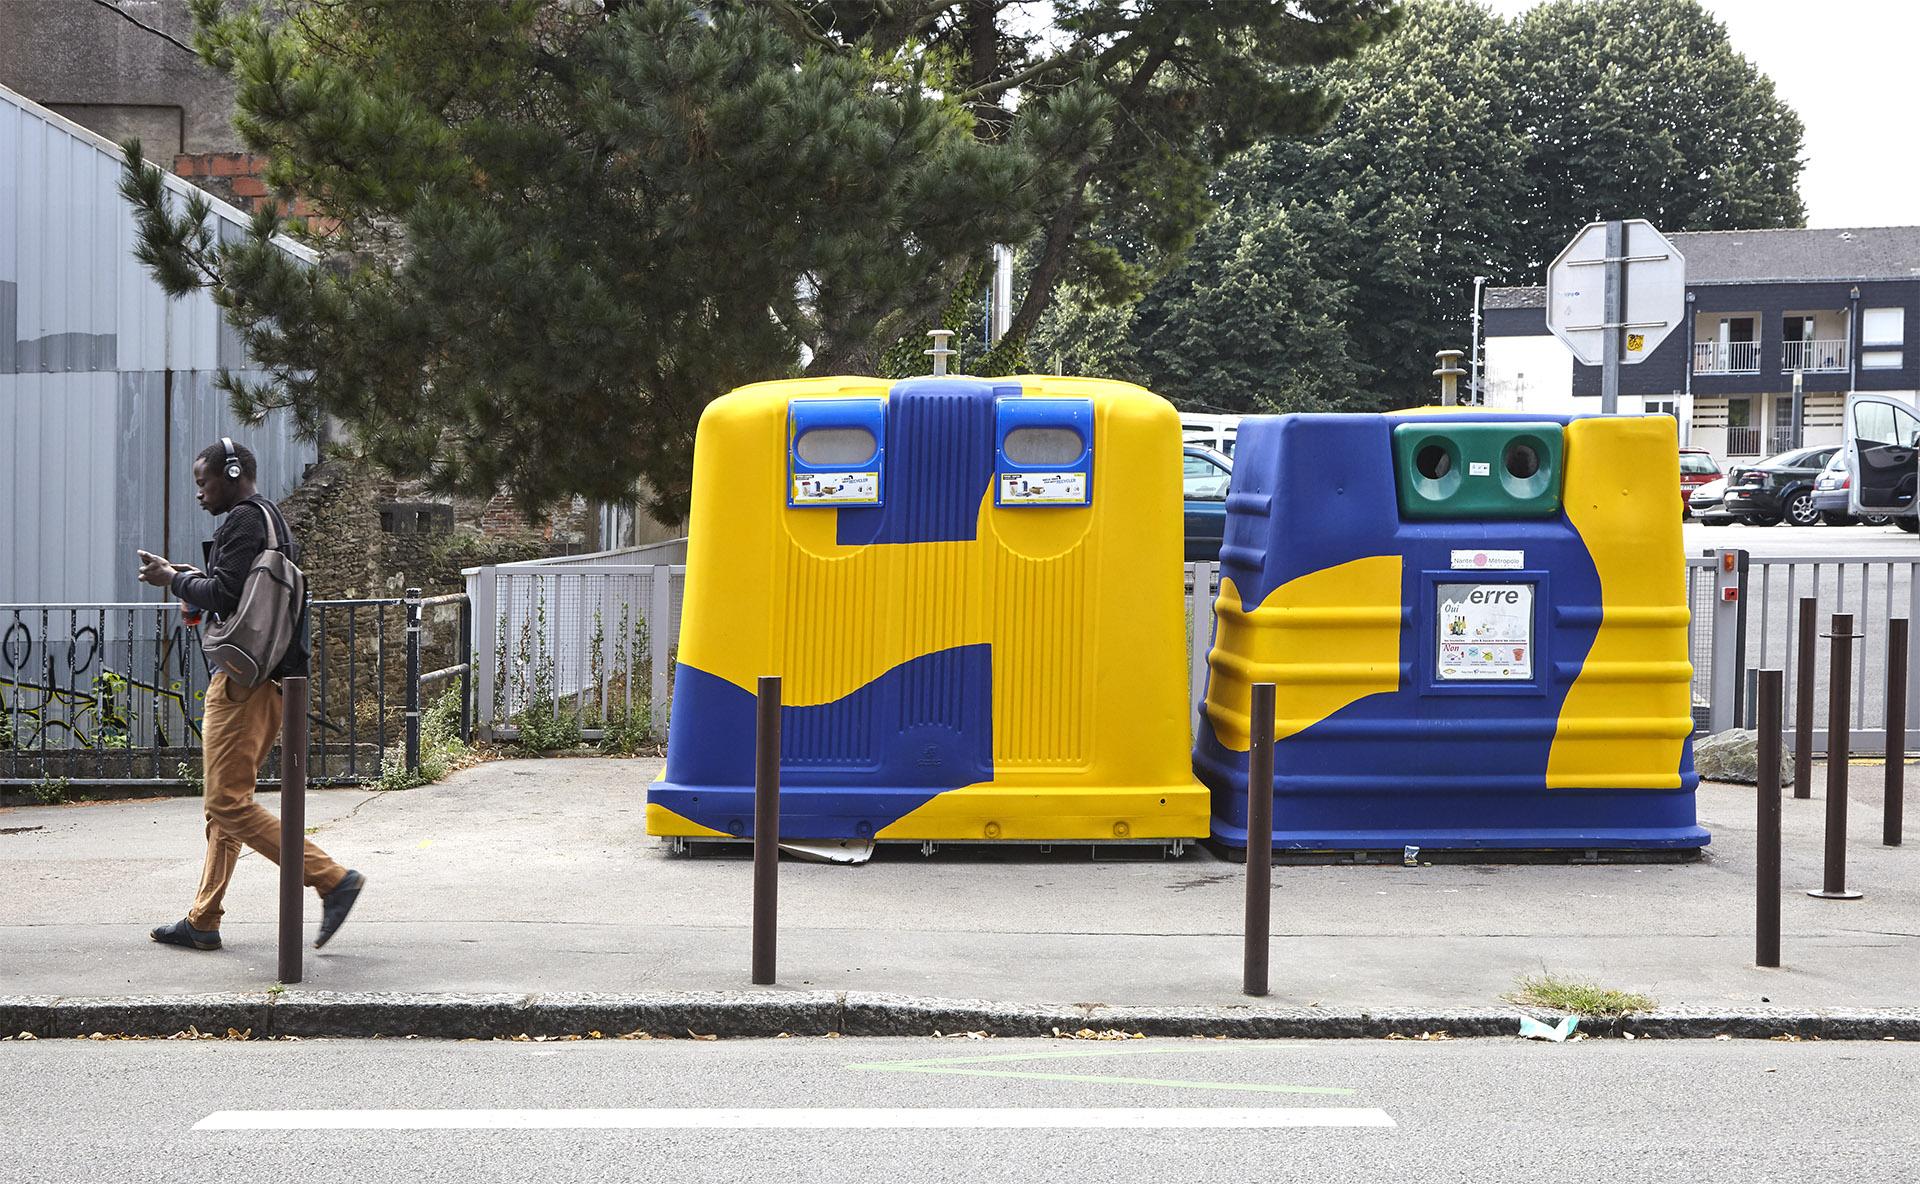 Motif fresque décoration couleurs Signalétique urbaine rue Biesse Nantes - iles de nantes